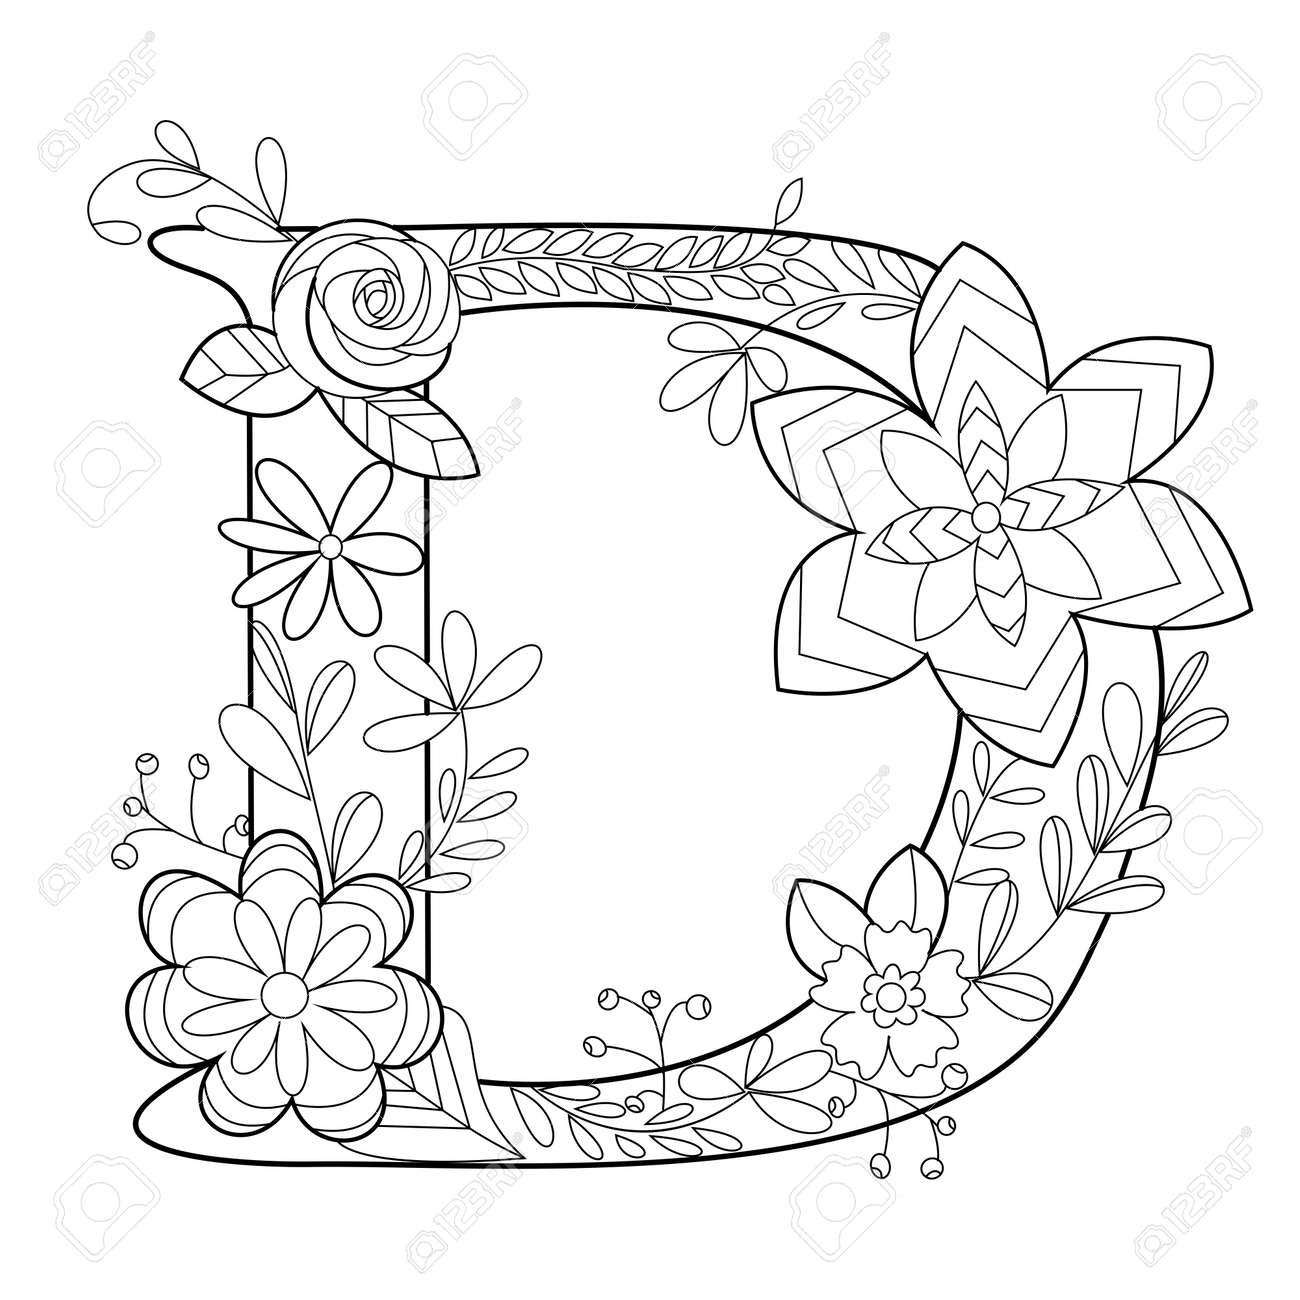 Floral Libro Para Colorear Letra Del Alfabeto Para La Ilustración Vectorial Adultos Antiestrés Colorear Para Adultos Fuente Floral Líneas Blancas Y